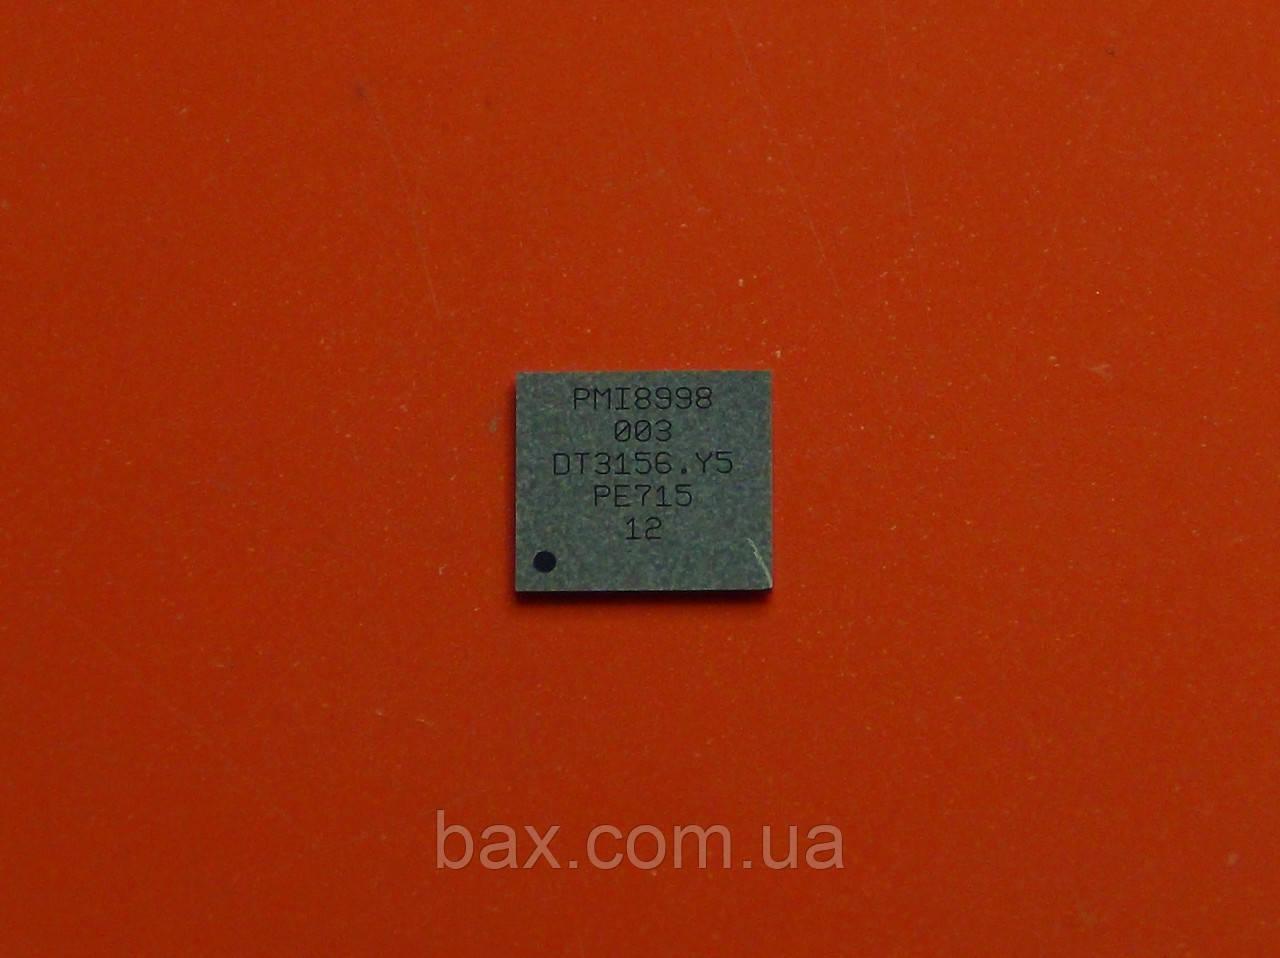 Мікросхема контролер живлення PMi8998 003 Новий в упаковці